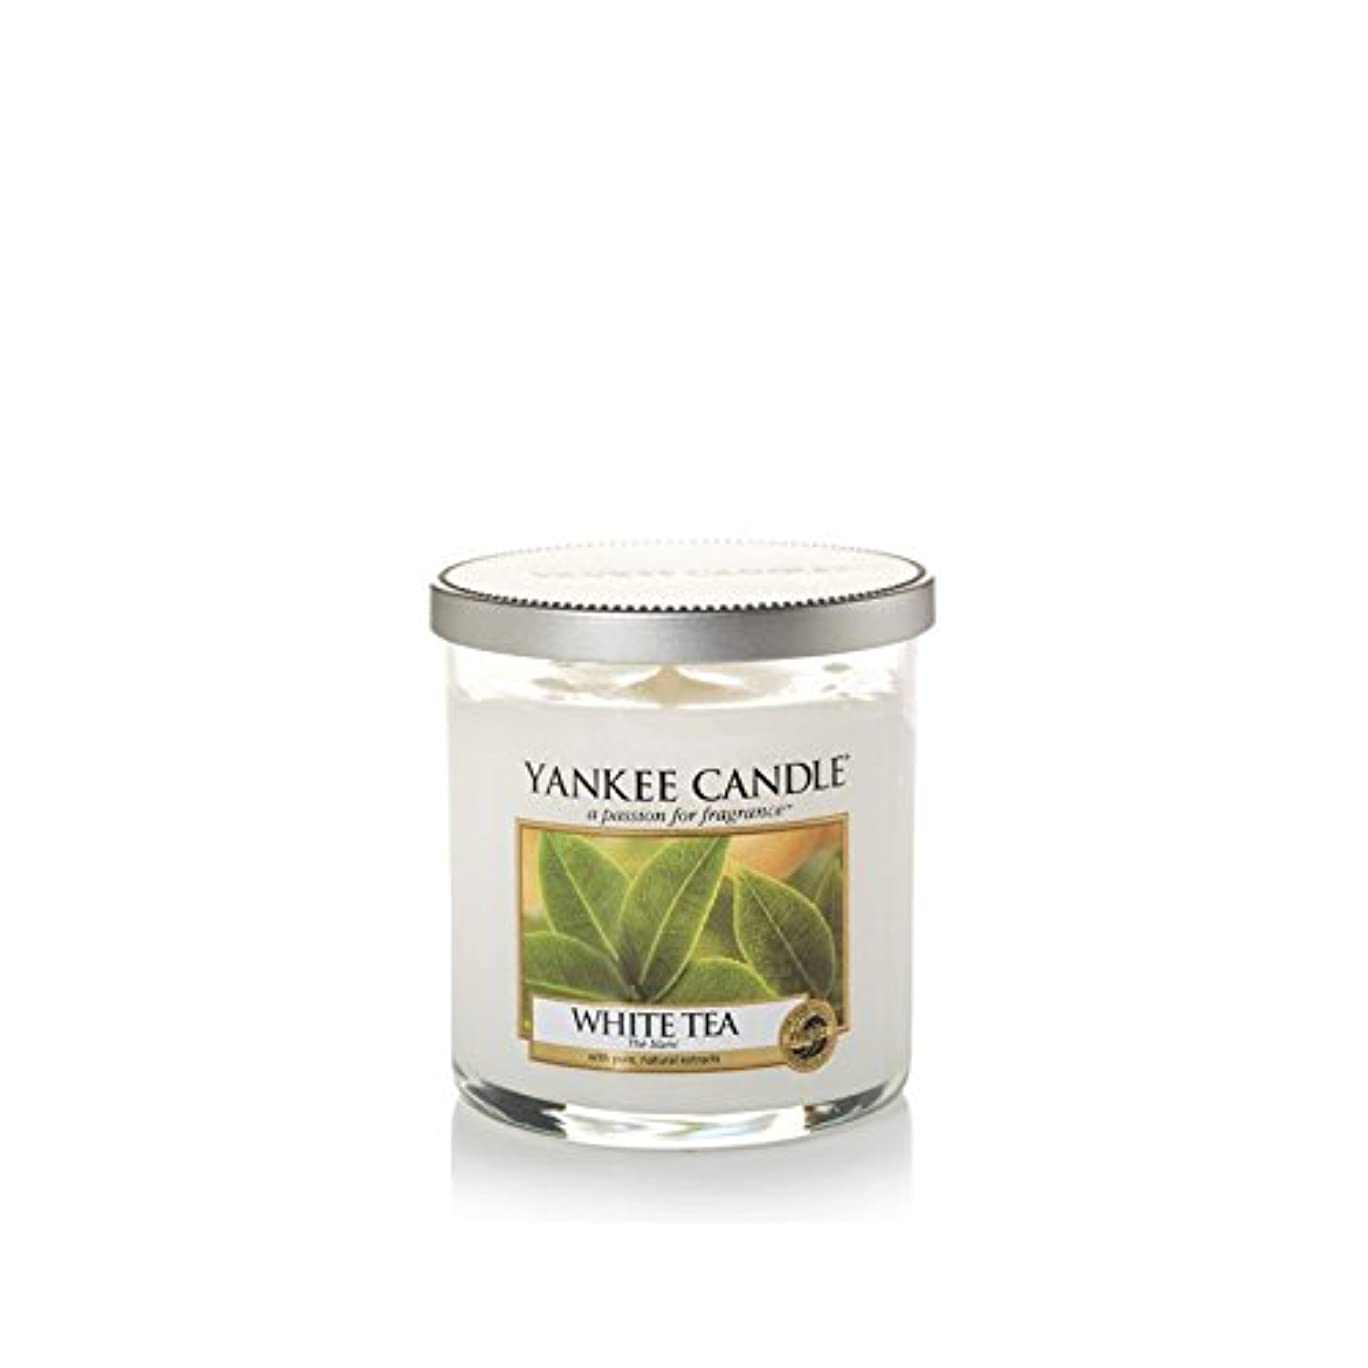 軽く優勢かりてヤンキーキャンドルの小さな柱キャンドル - ホワイトティー - Yankee Candles Small Pillar Candle - White Tea (Yankee Candles) [並行輸入品]